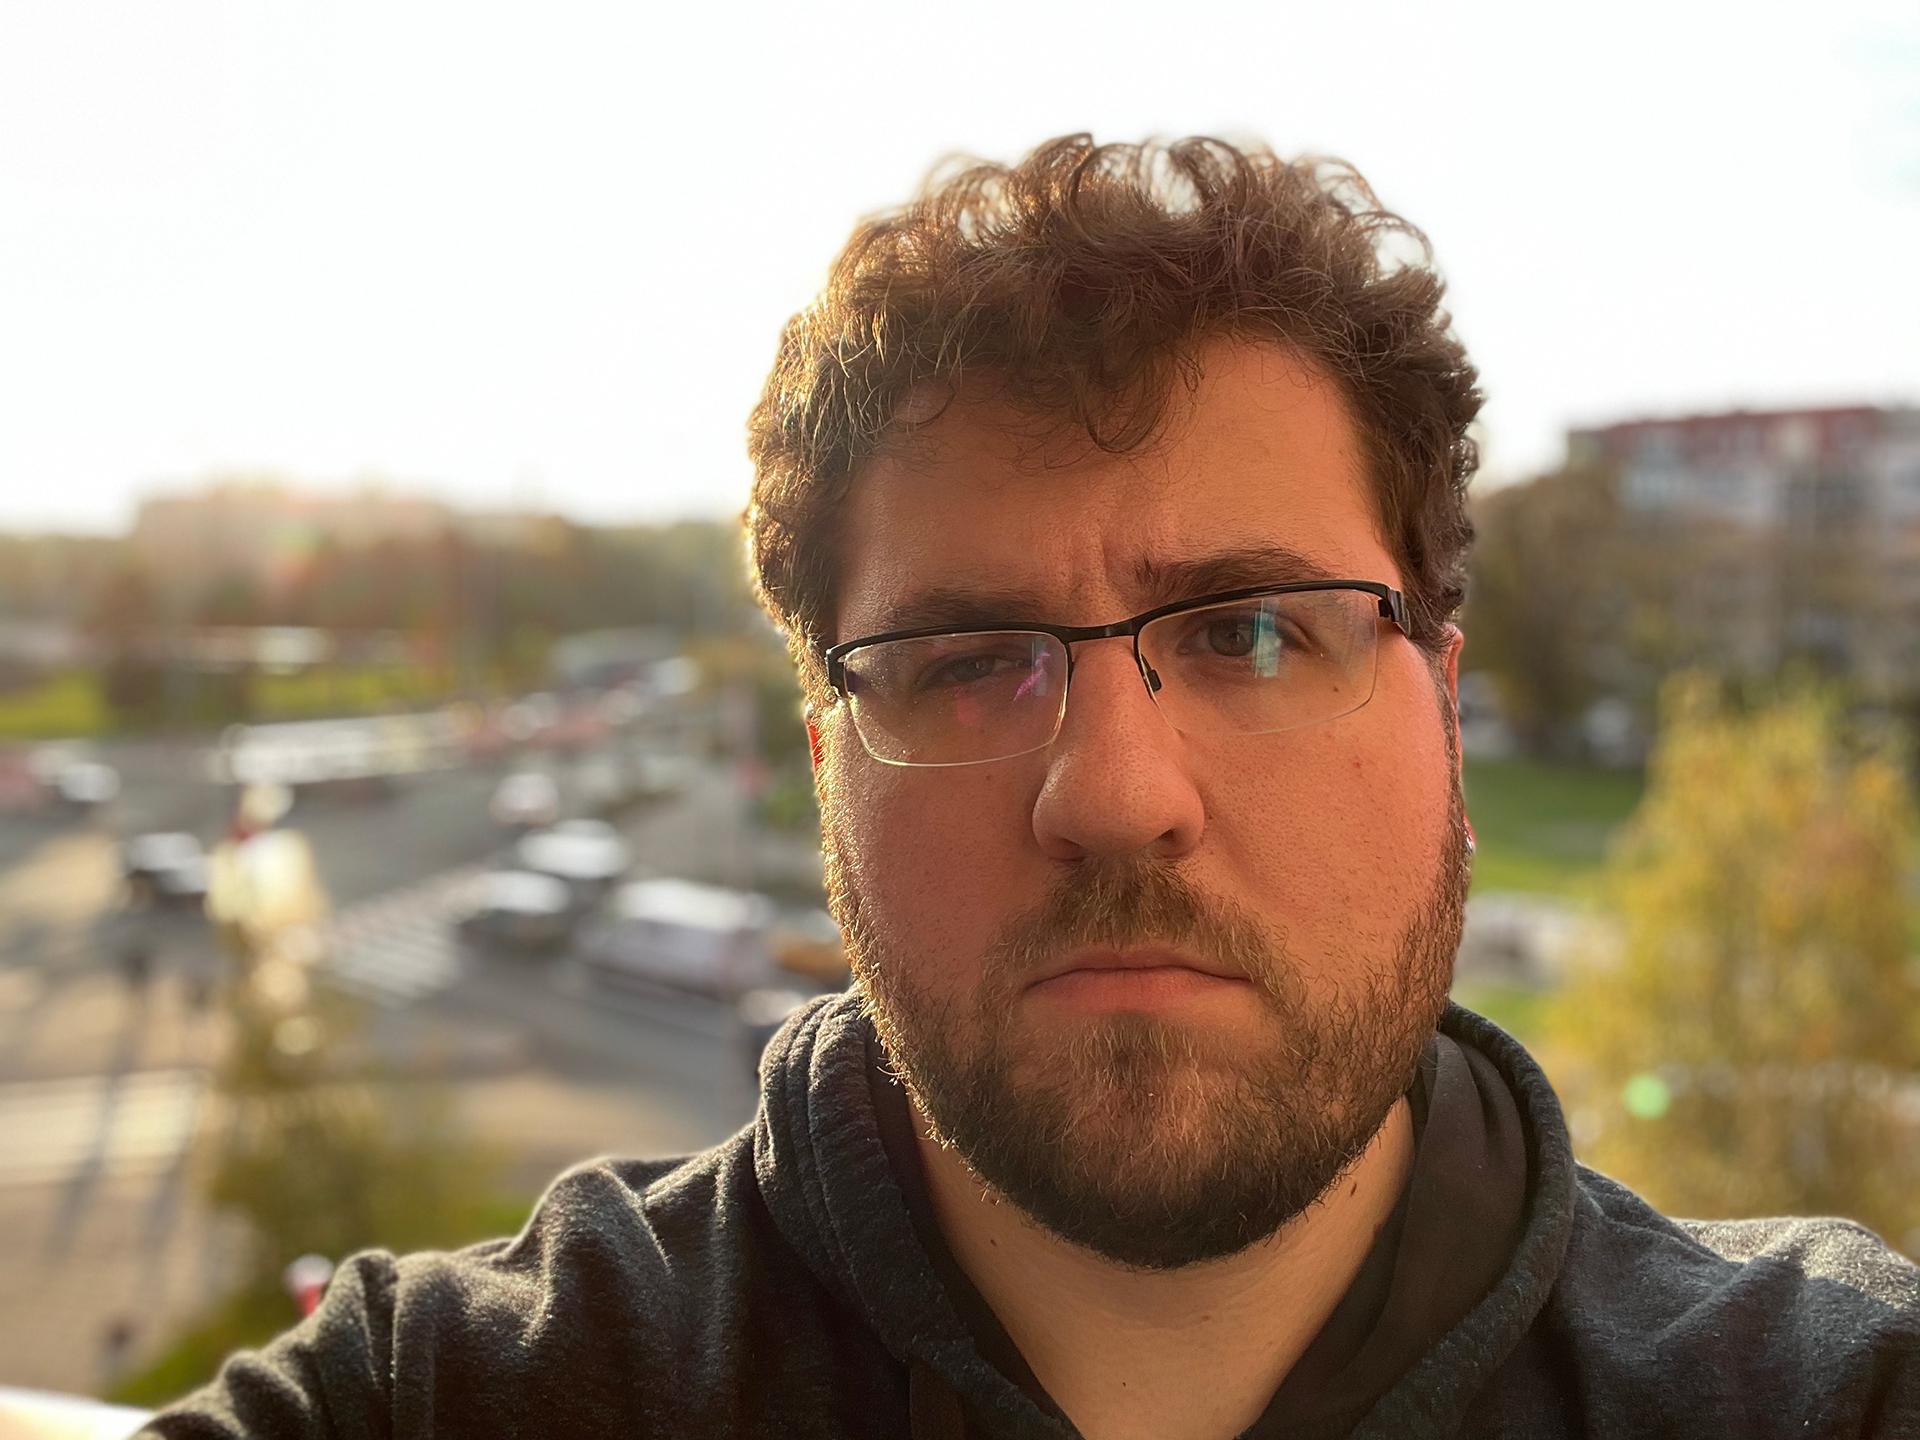 Selfie Portrait mode + HDR